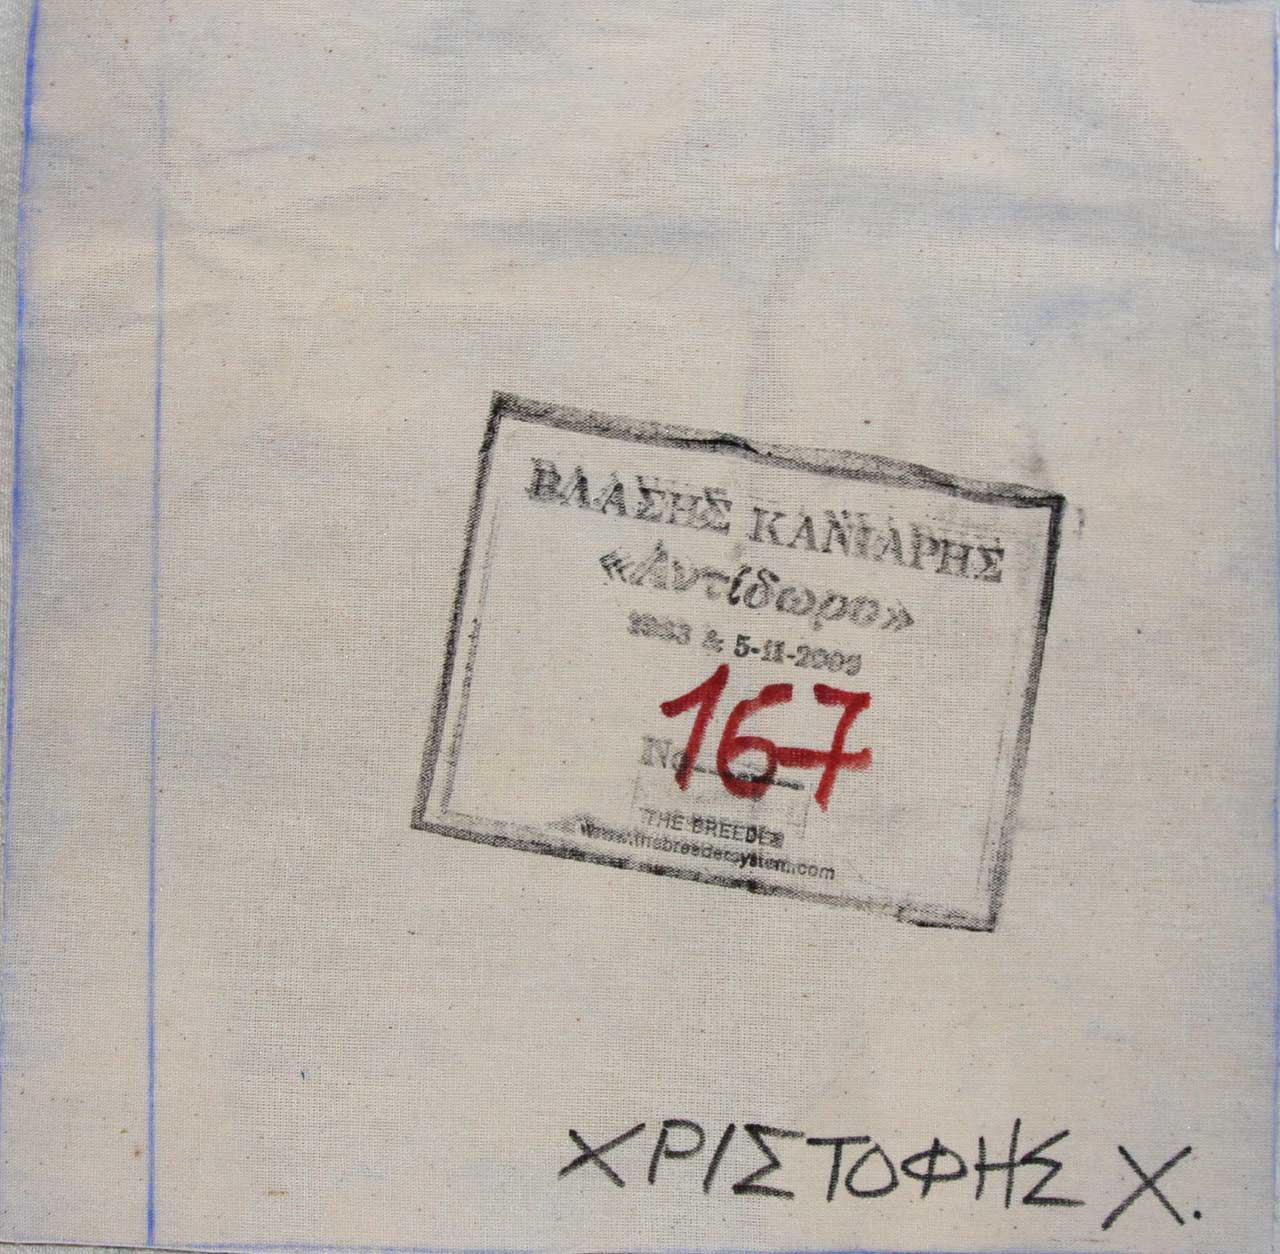 Αντίδωρο, Νο.167 (πίσω όψη), 1983 και 5.11.2009, μικτή τεχνική, 30Χ30 εκ.